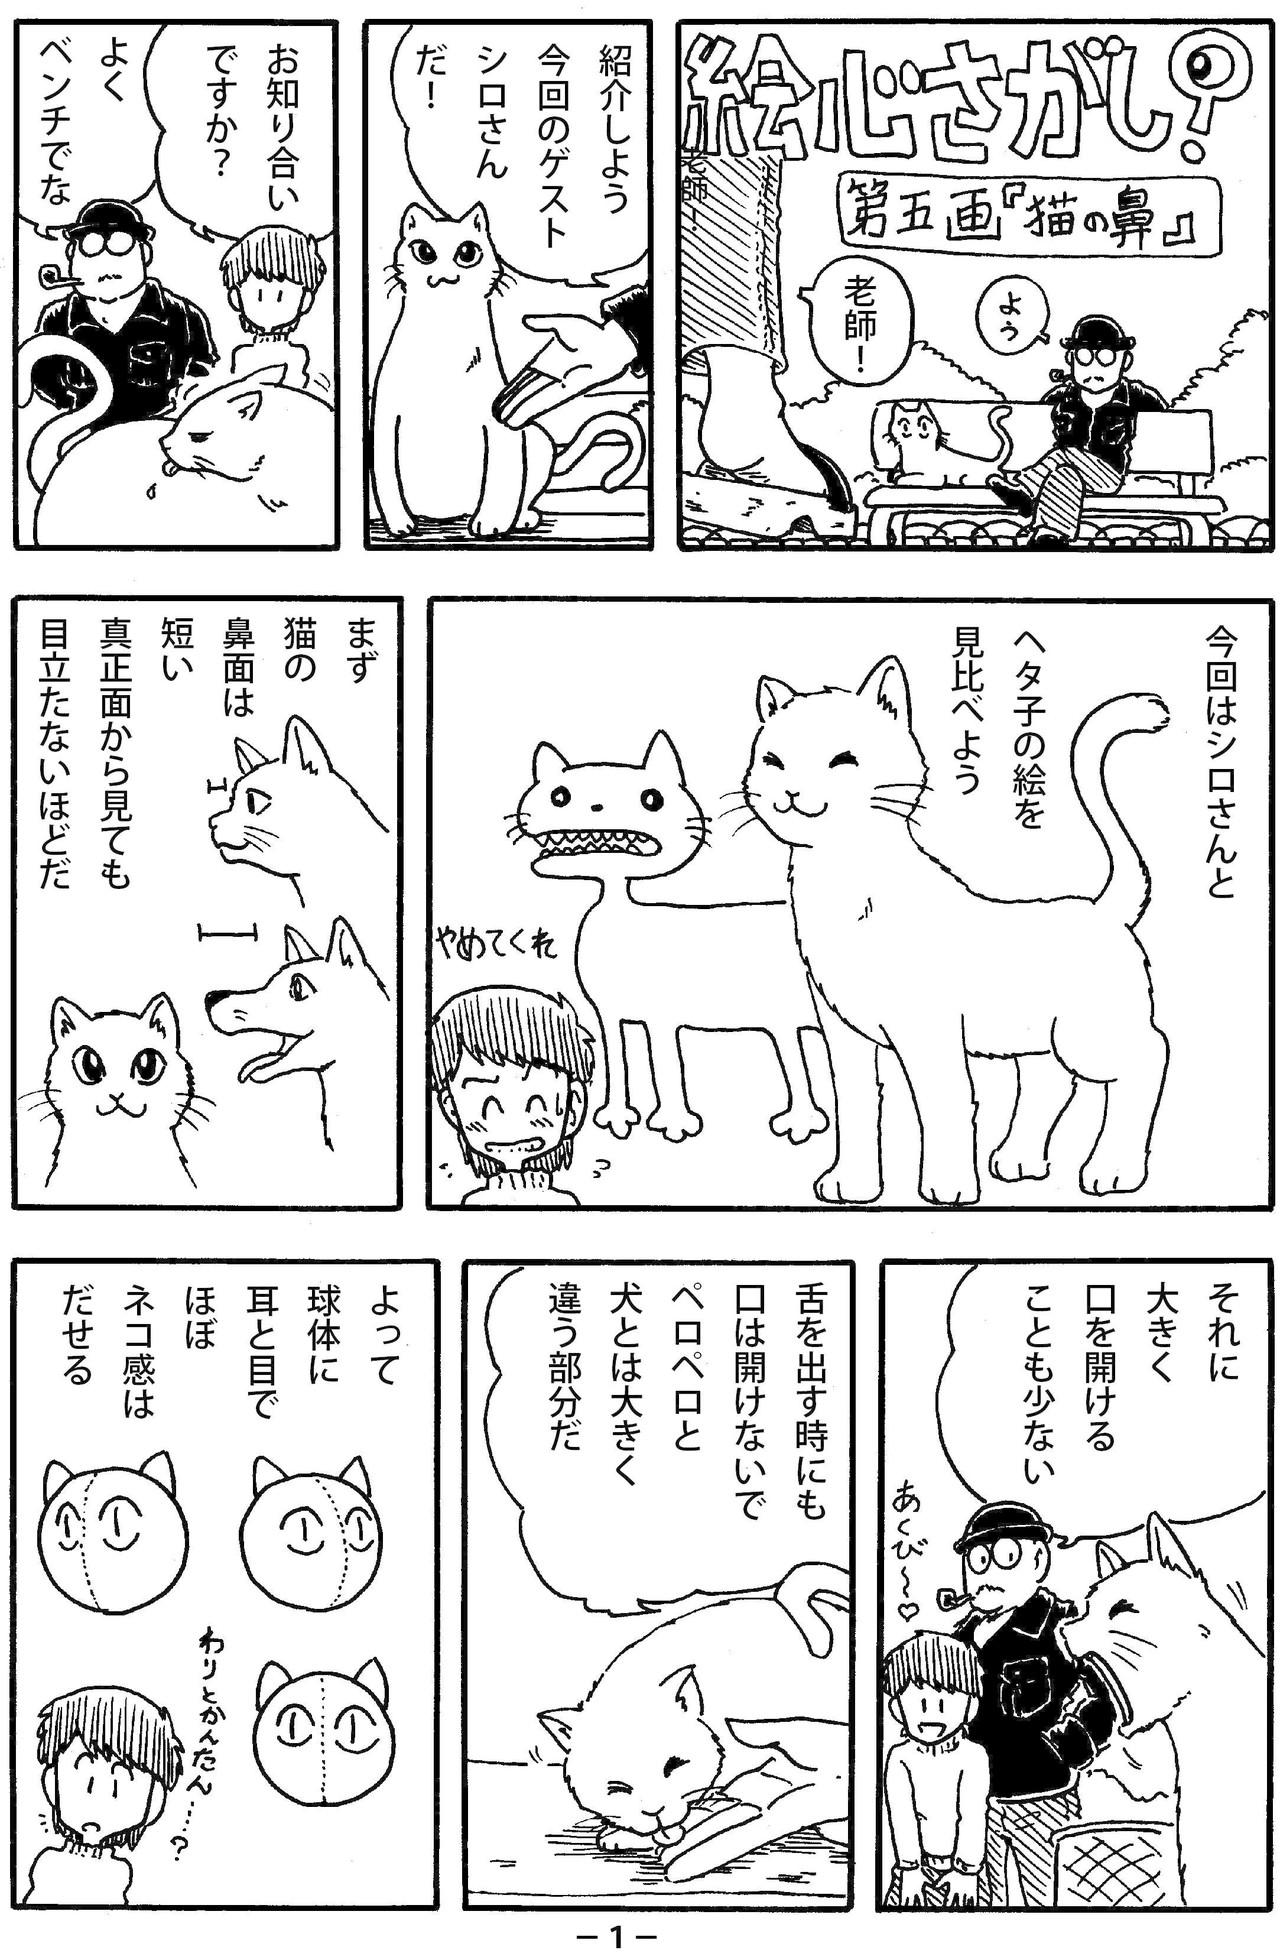 動物編ですが、大半がネコの描き方になってしまいました。犬など他の動物にも触れてはいるのですが、またいずれ、ゆっくり描きたいと思います。